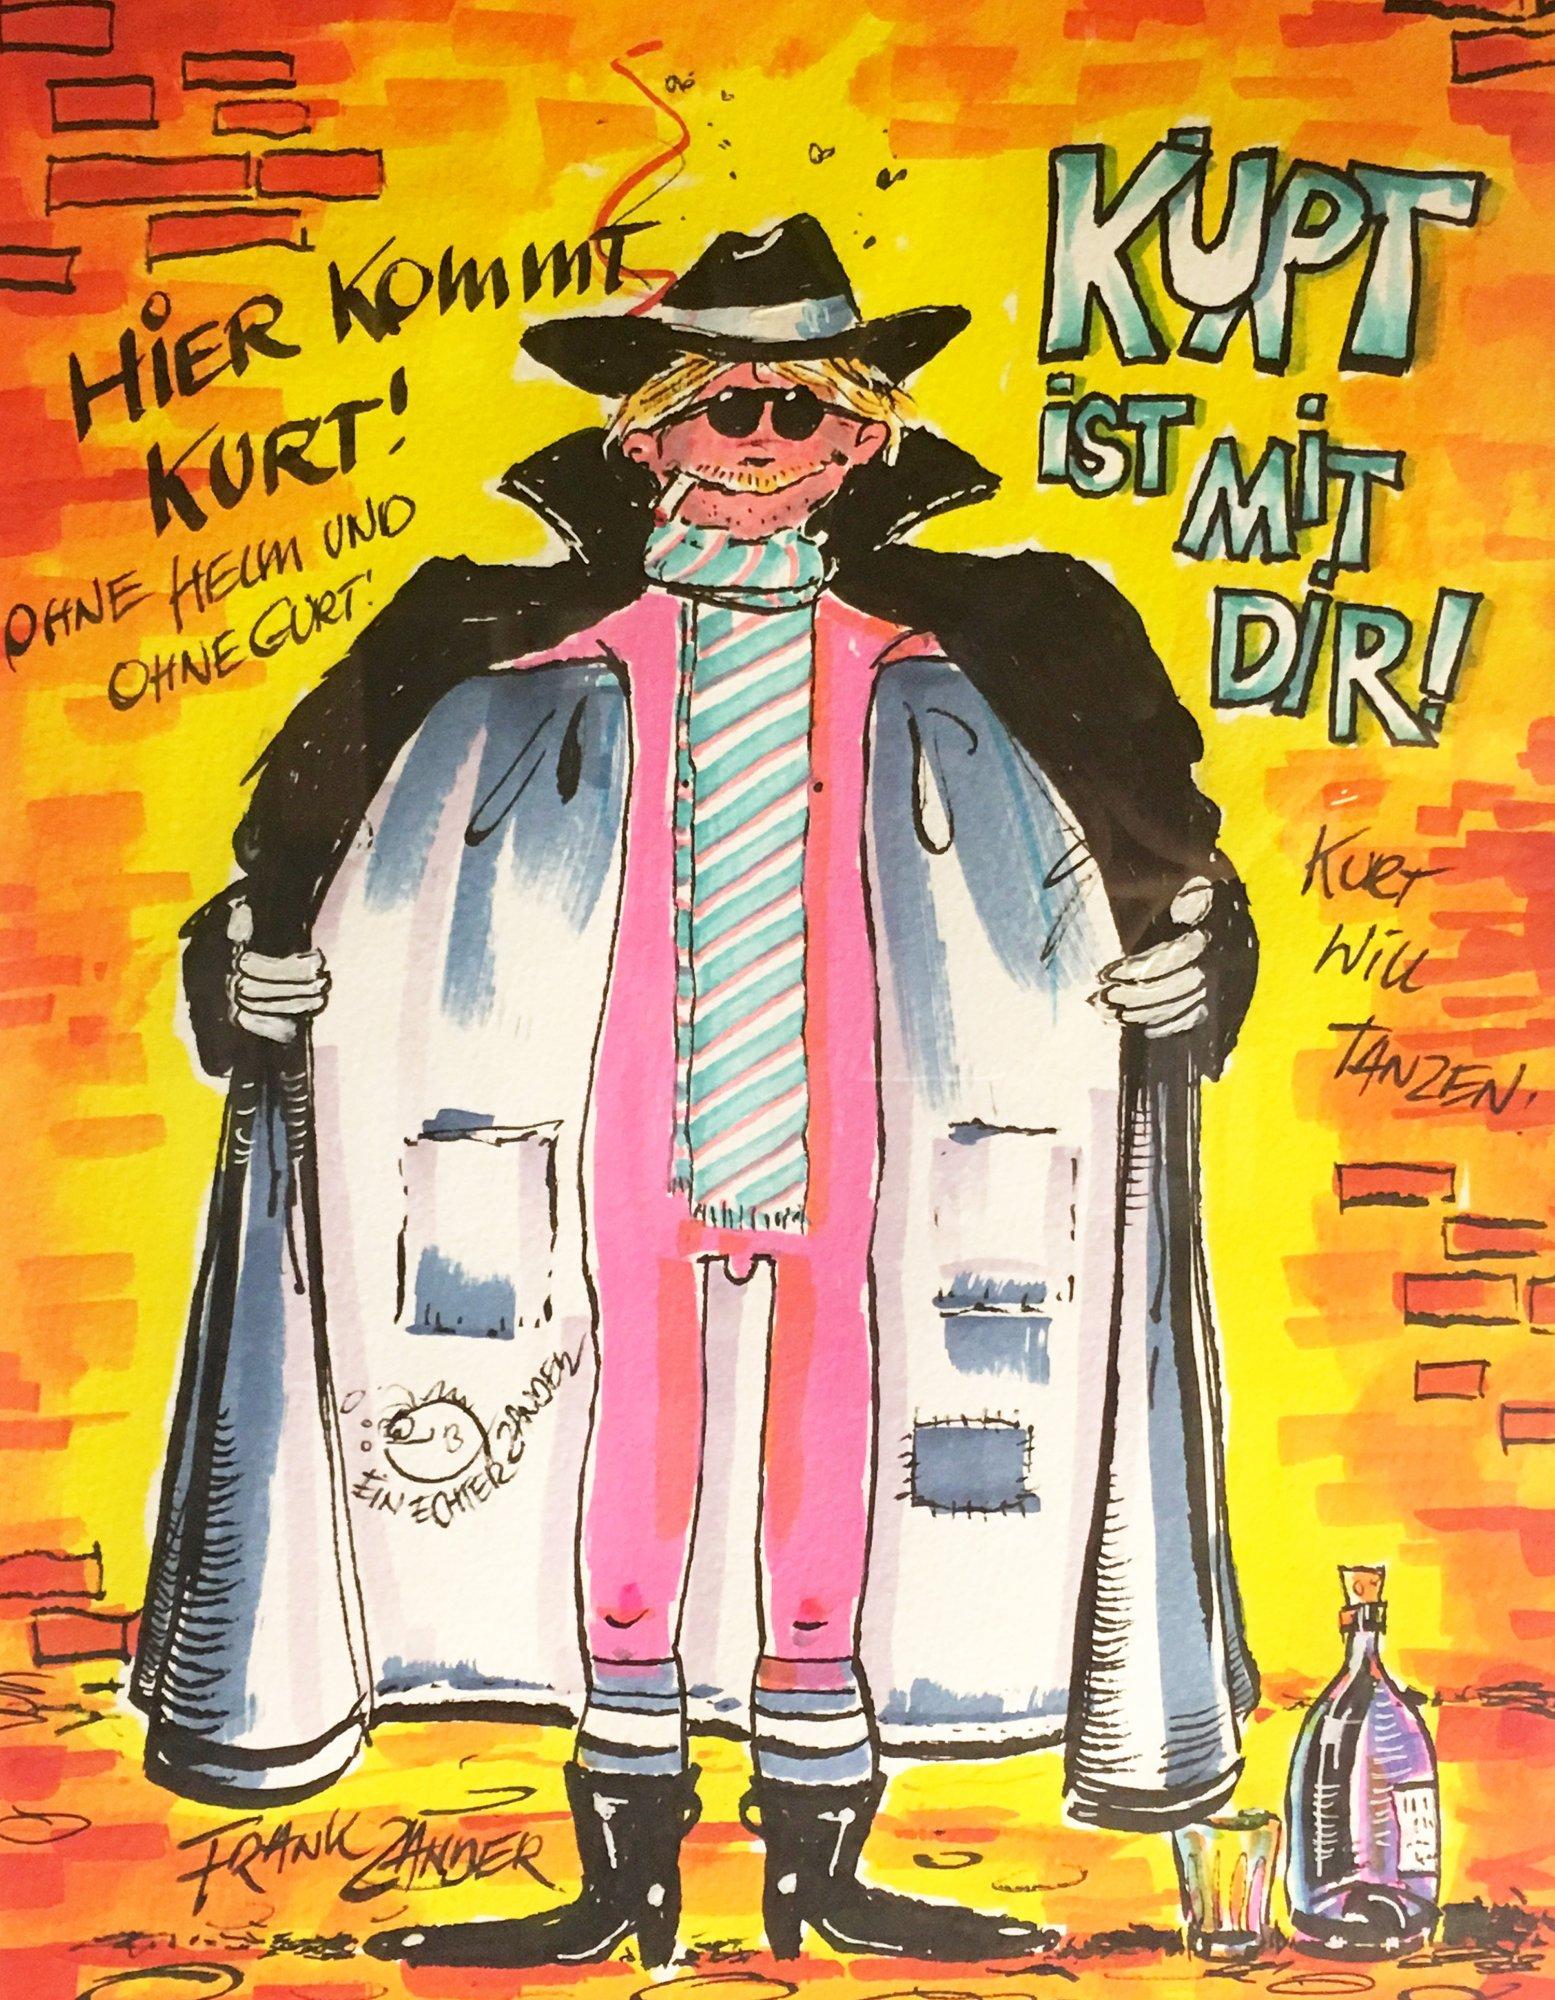 Kurt Ist Mit Dir Pink2